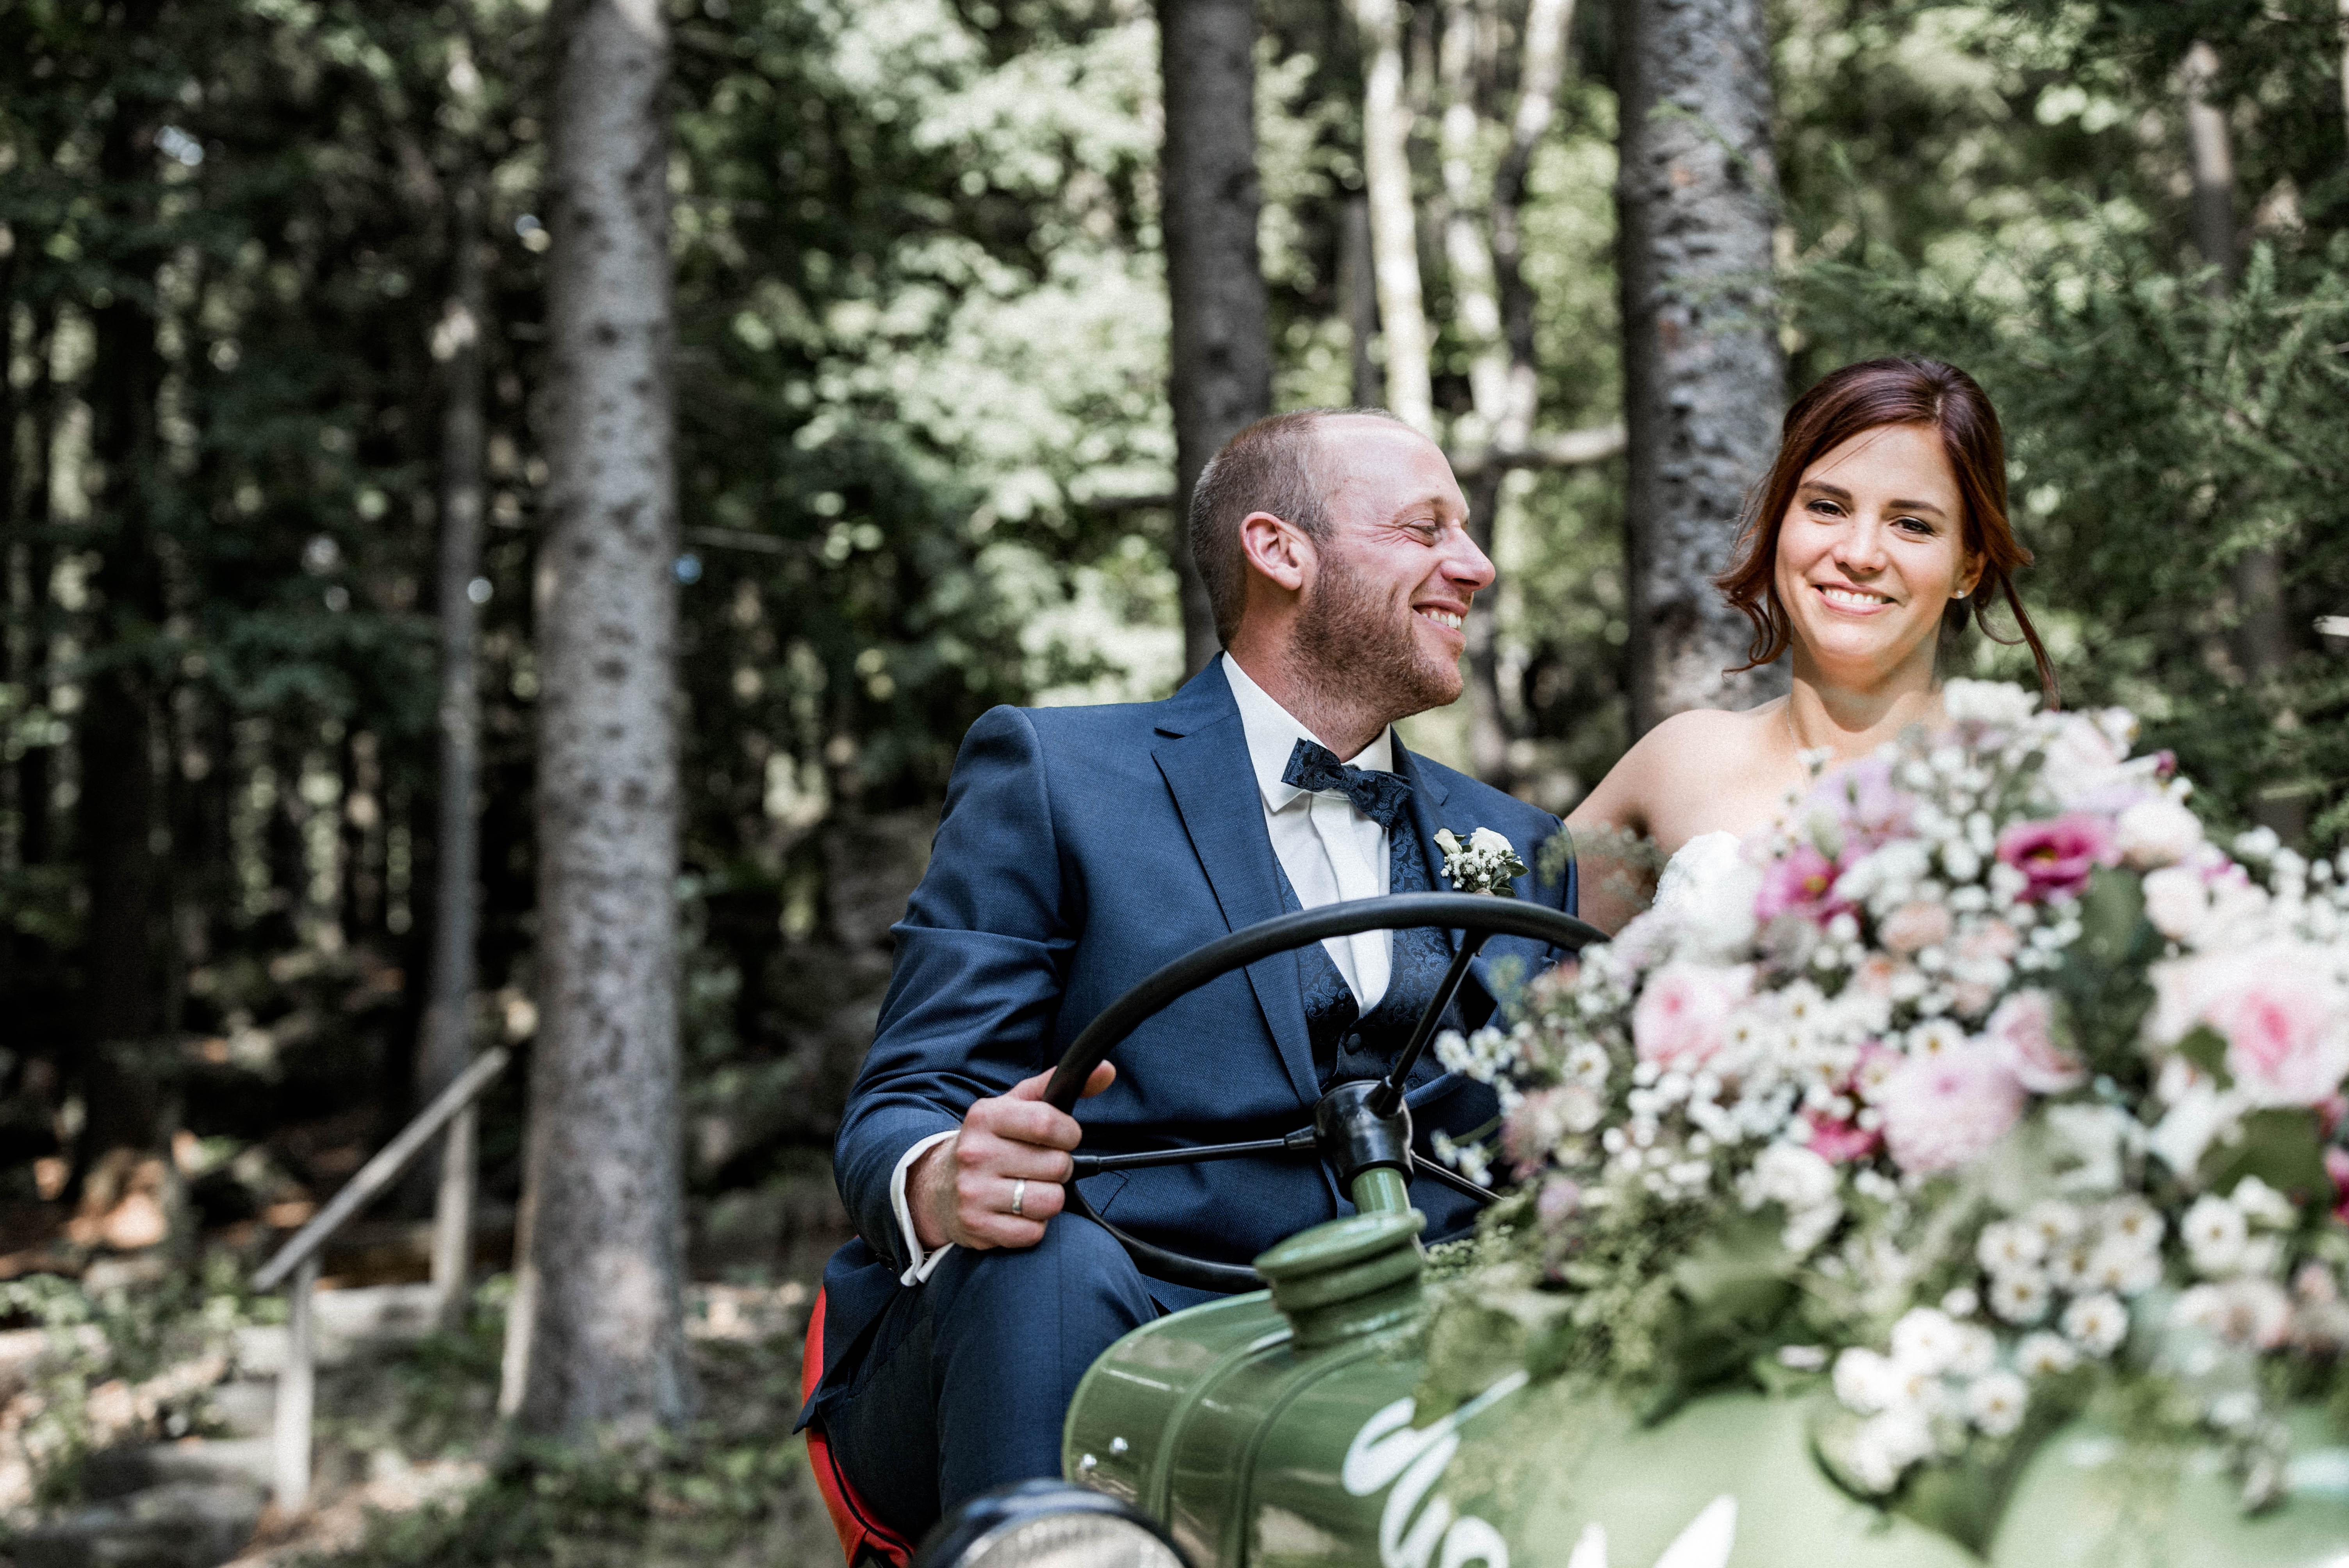 Westerwaldhochzeit Hochzeitspaket